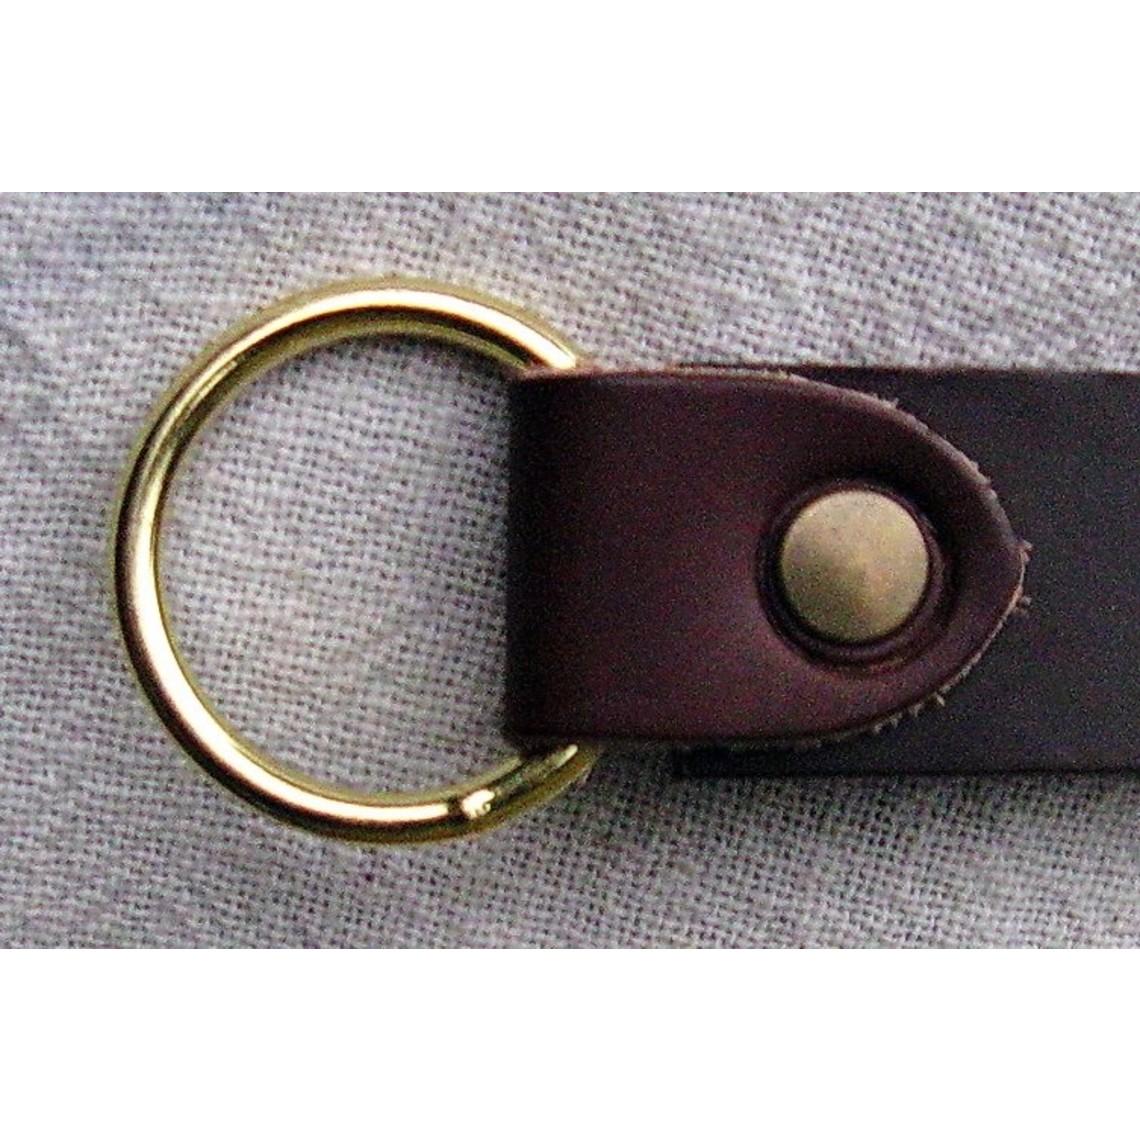 Lederringband 4 cm, braun Spaltleder